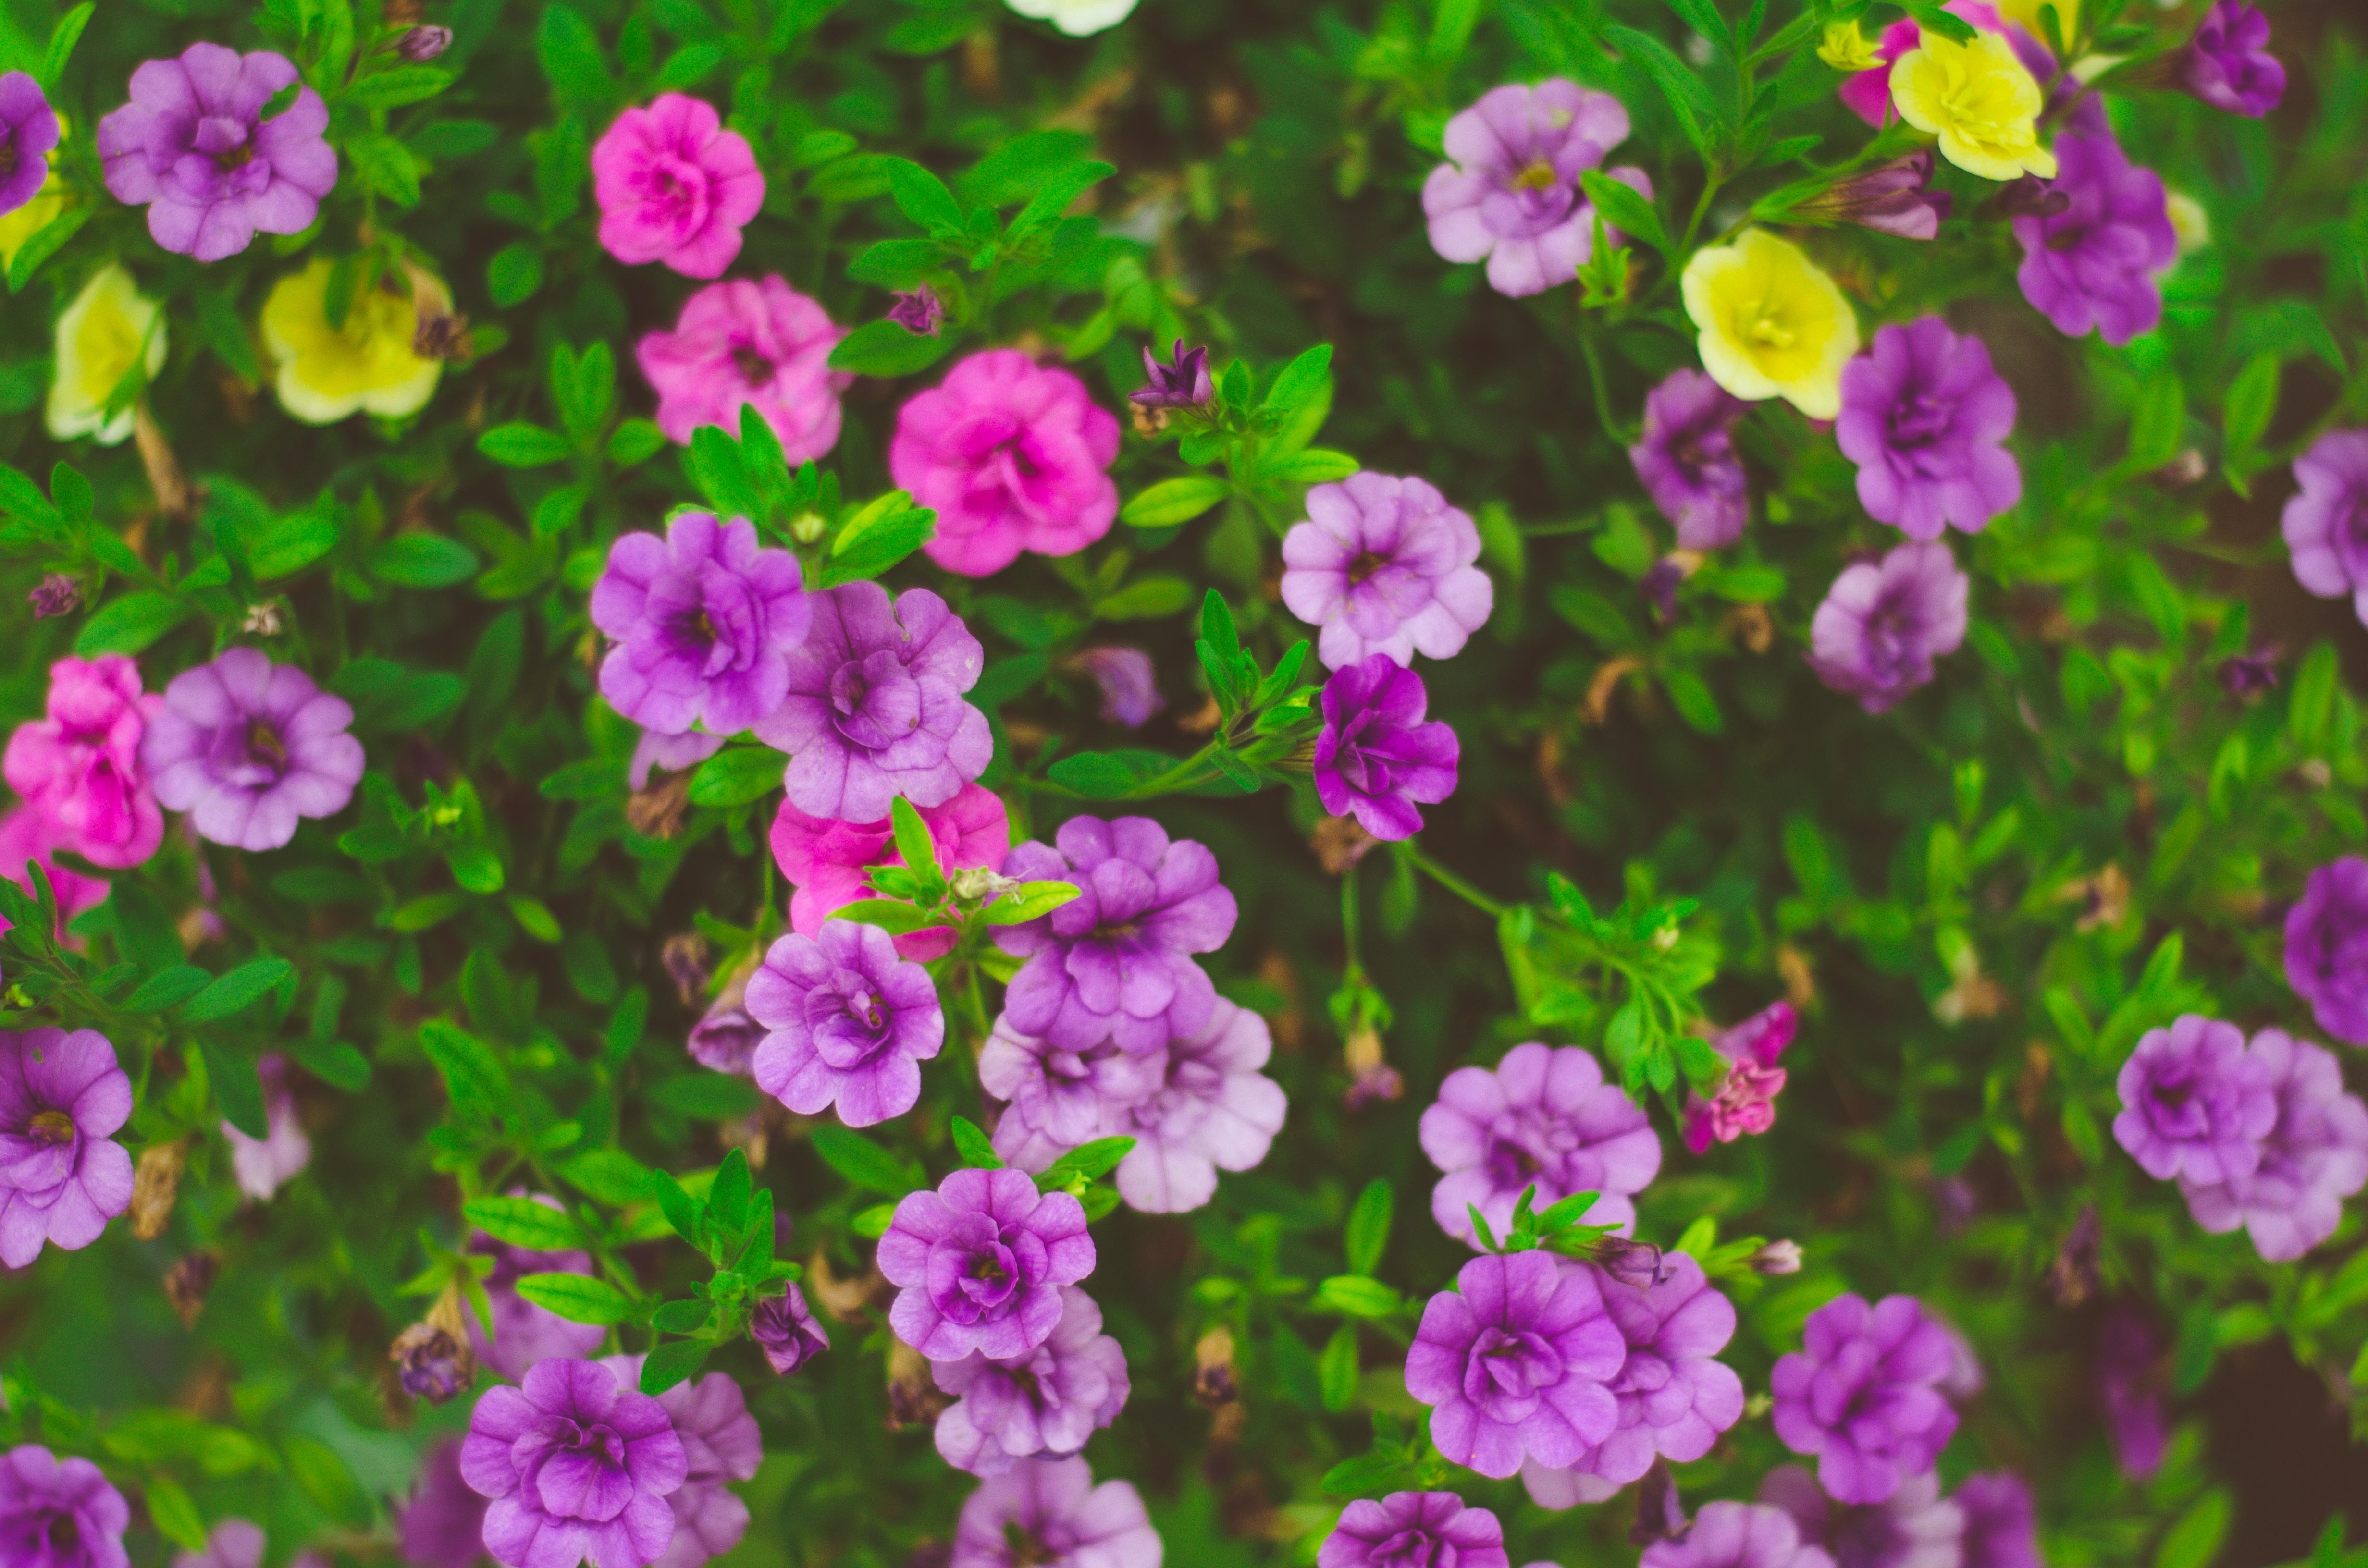 151802 скачать обои Цветы, Клумба, Растения - заставки и картинки бесплатно